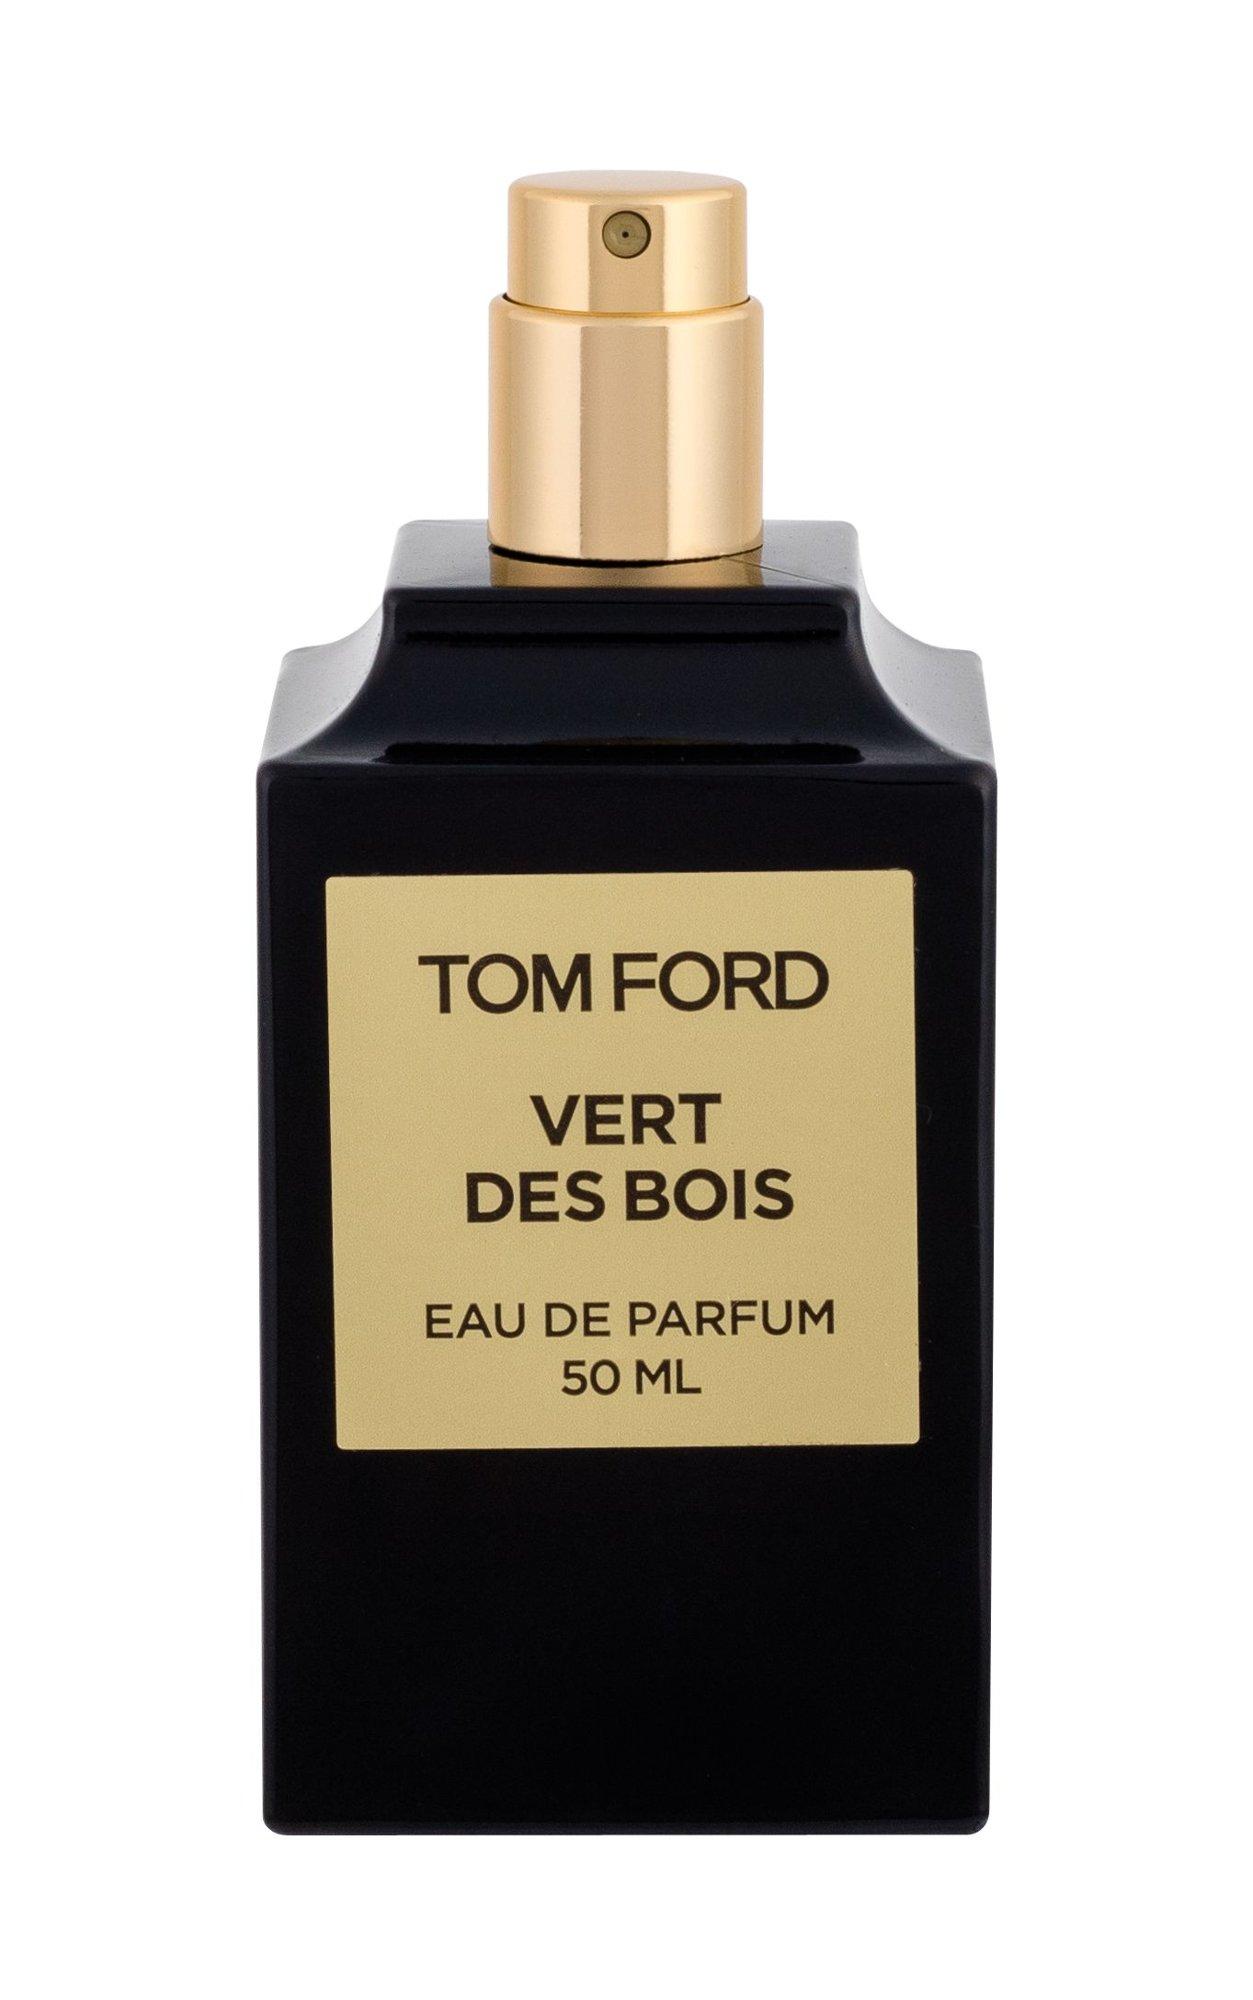 TOM FORD Vert des Bois Eau de Parfum 50ml